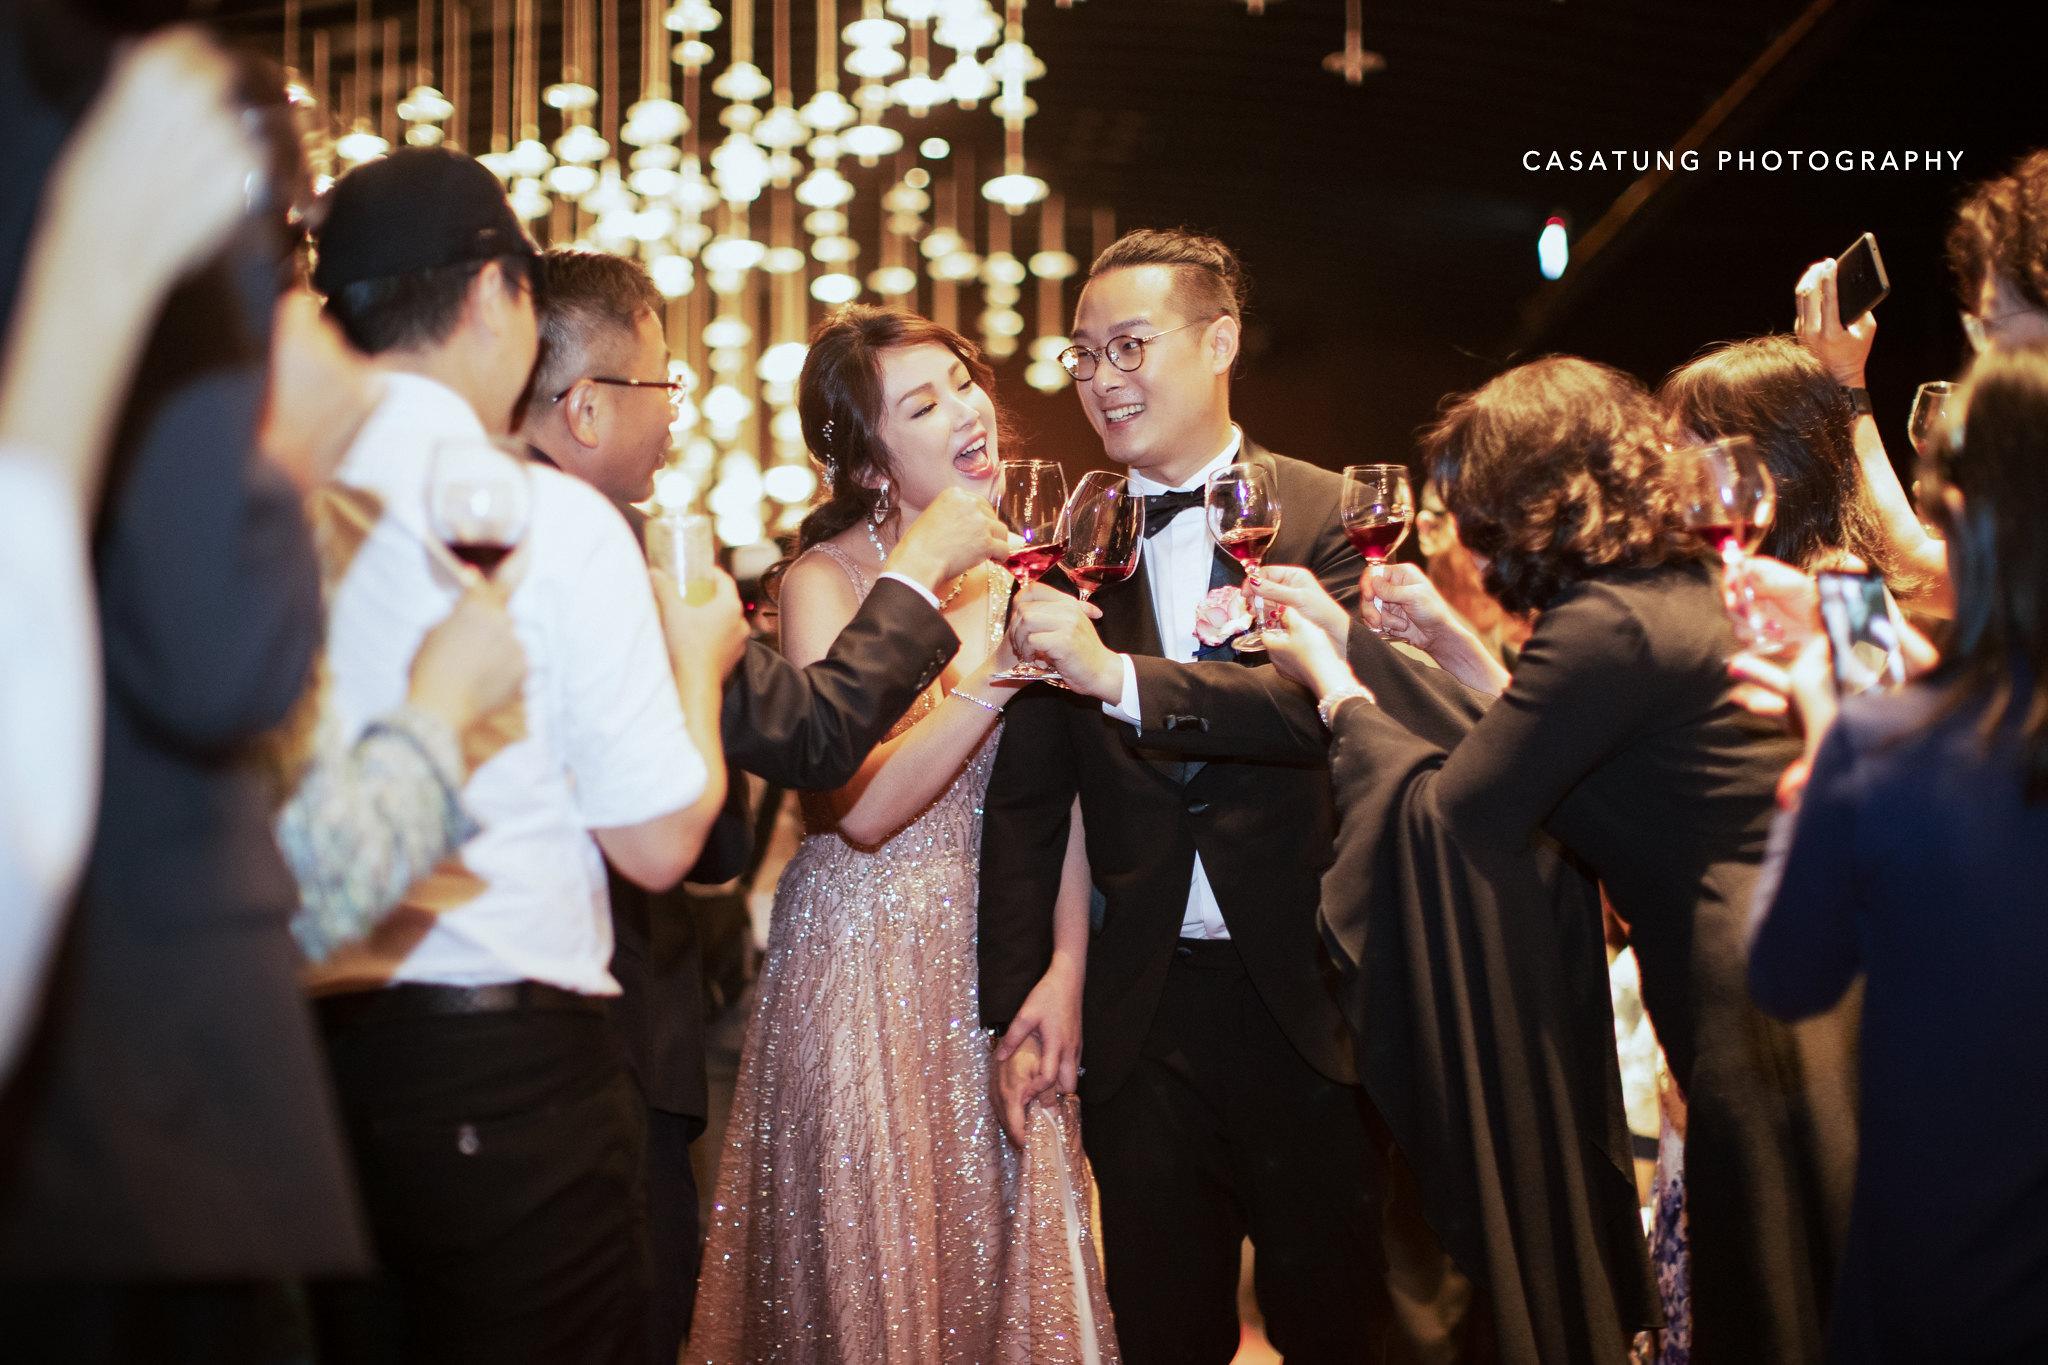 台中自助婚紗,旋轉木馬,casatung,心之芳庭,婚攝casa-223